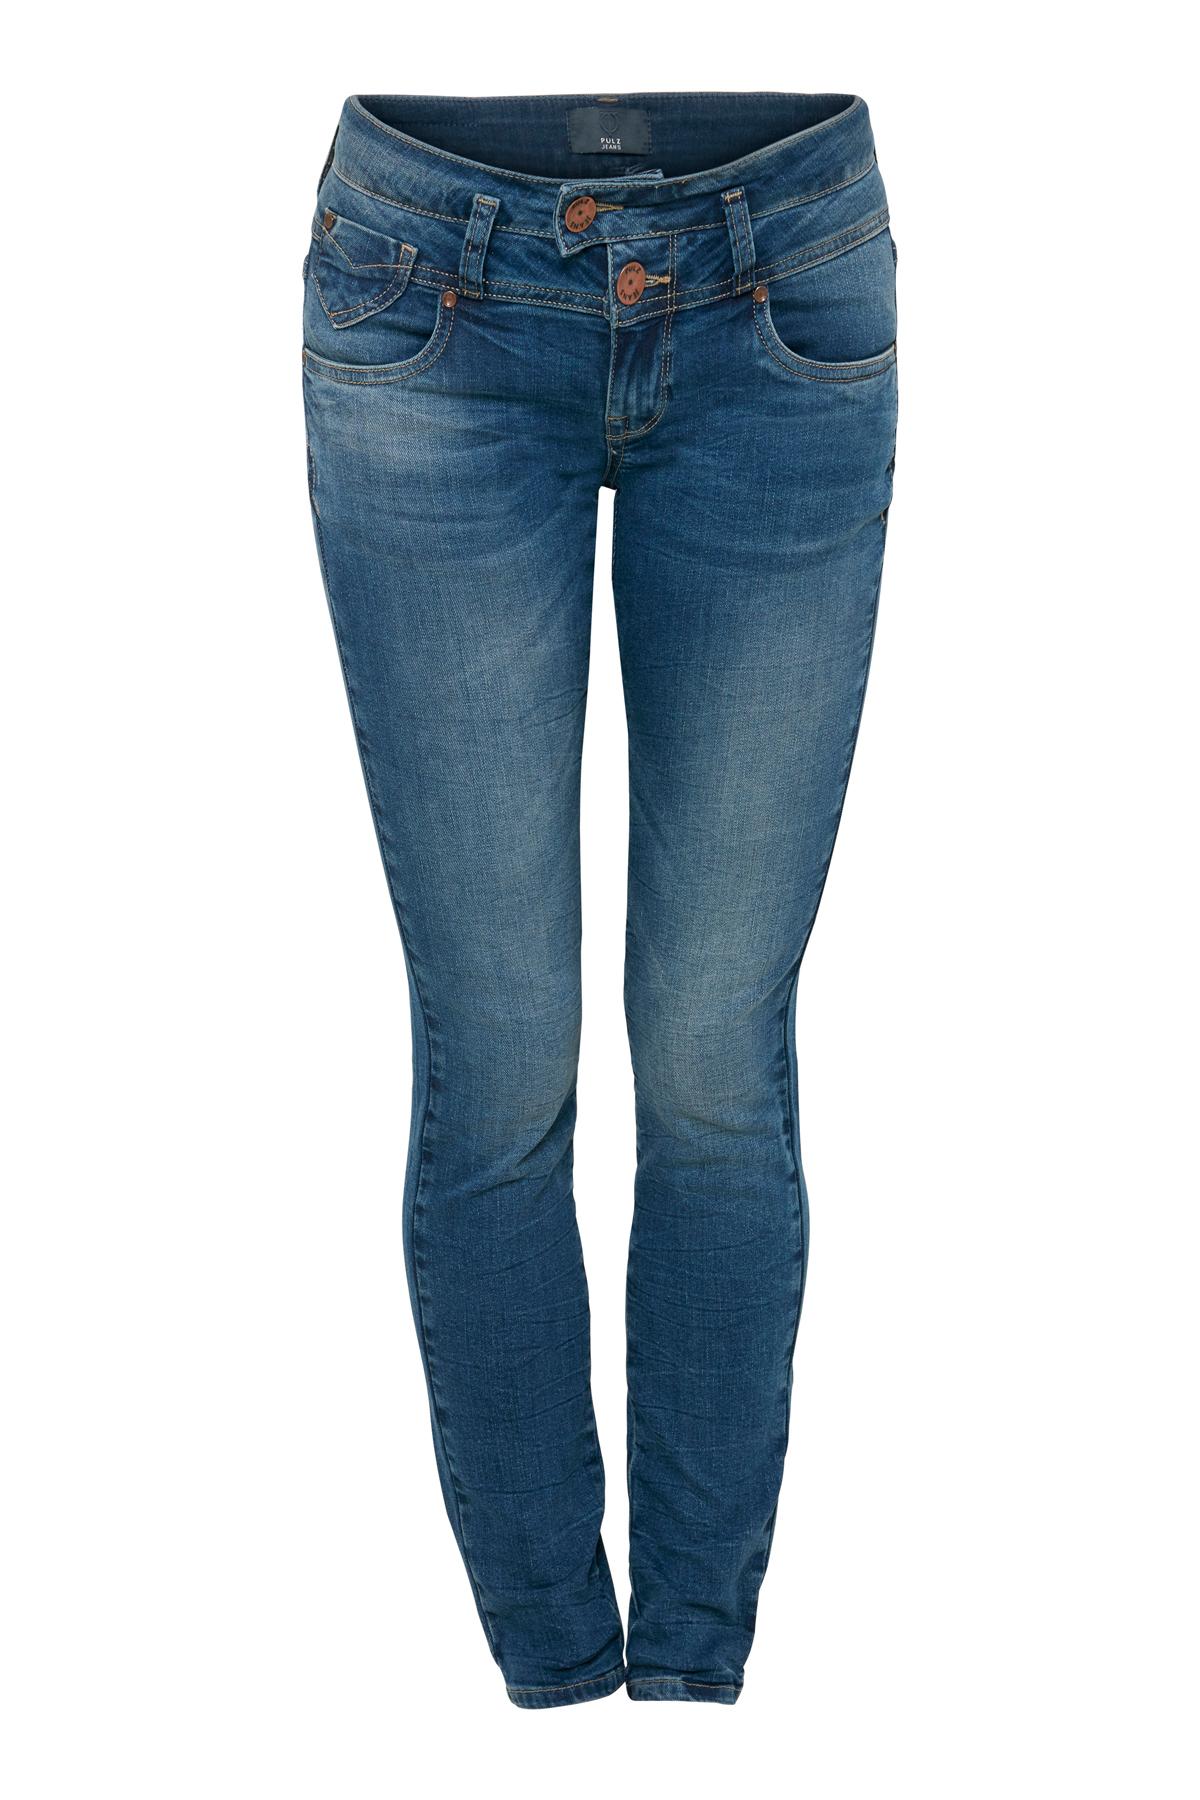 Image of Pulz Jeans Dame PULZ: 5-lommet Anett jeans i denimkvalitet med slid detaljer og vask for et råt udtryk. De populære bukserne - Denimblå